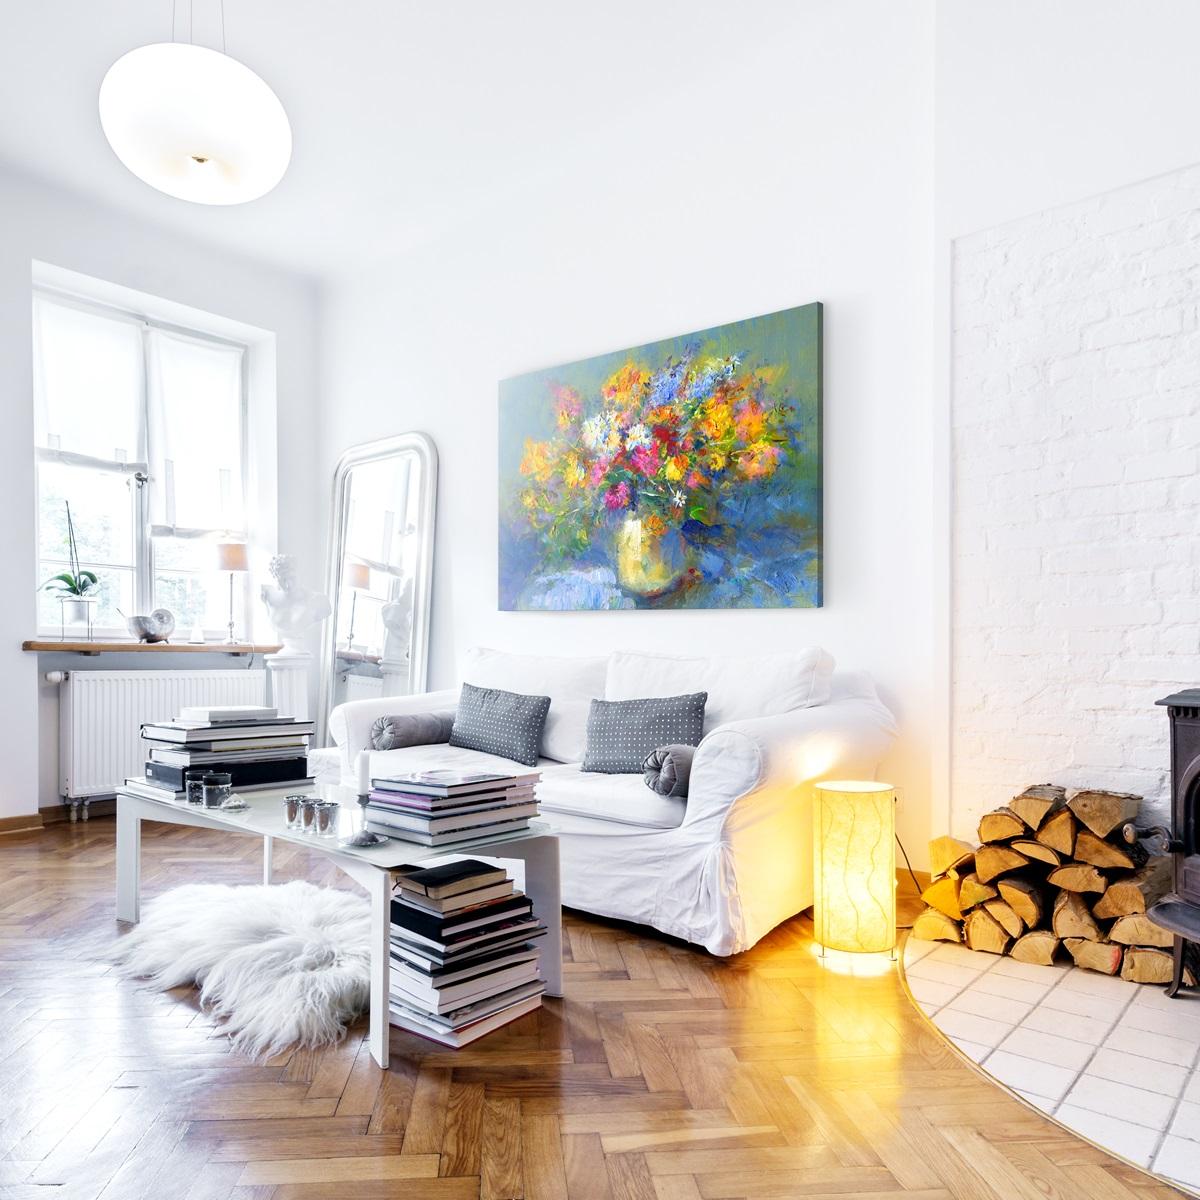 Cuadros fotomurales y vinilos de pared decoraciones - Fotomurales y vinilos ...